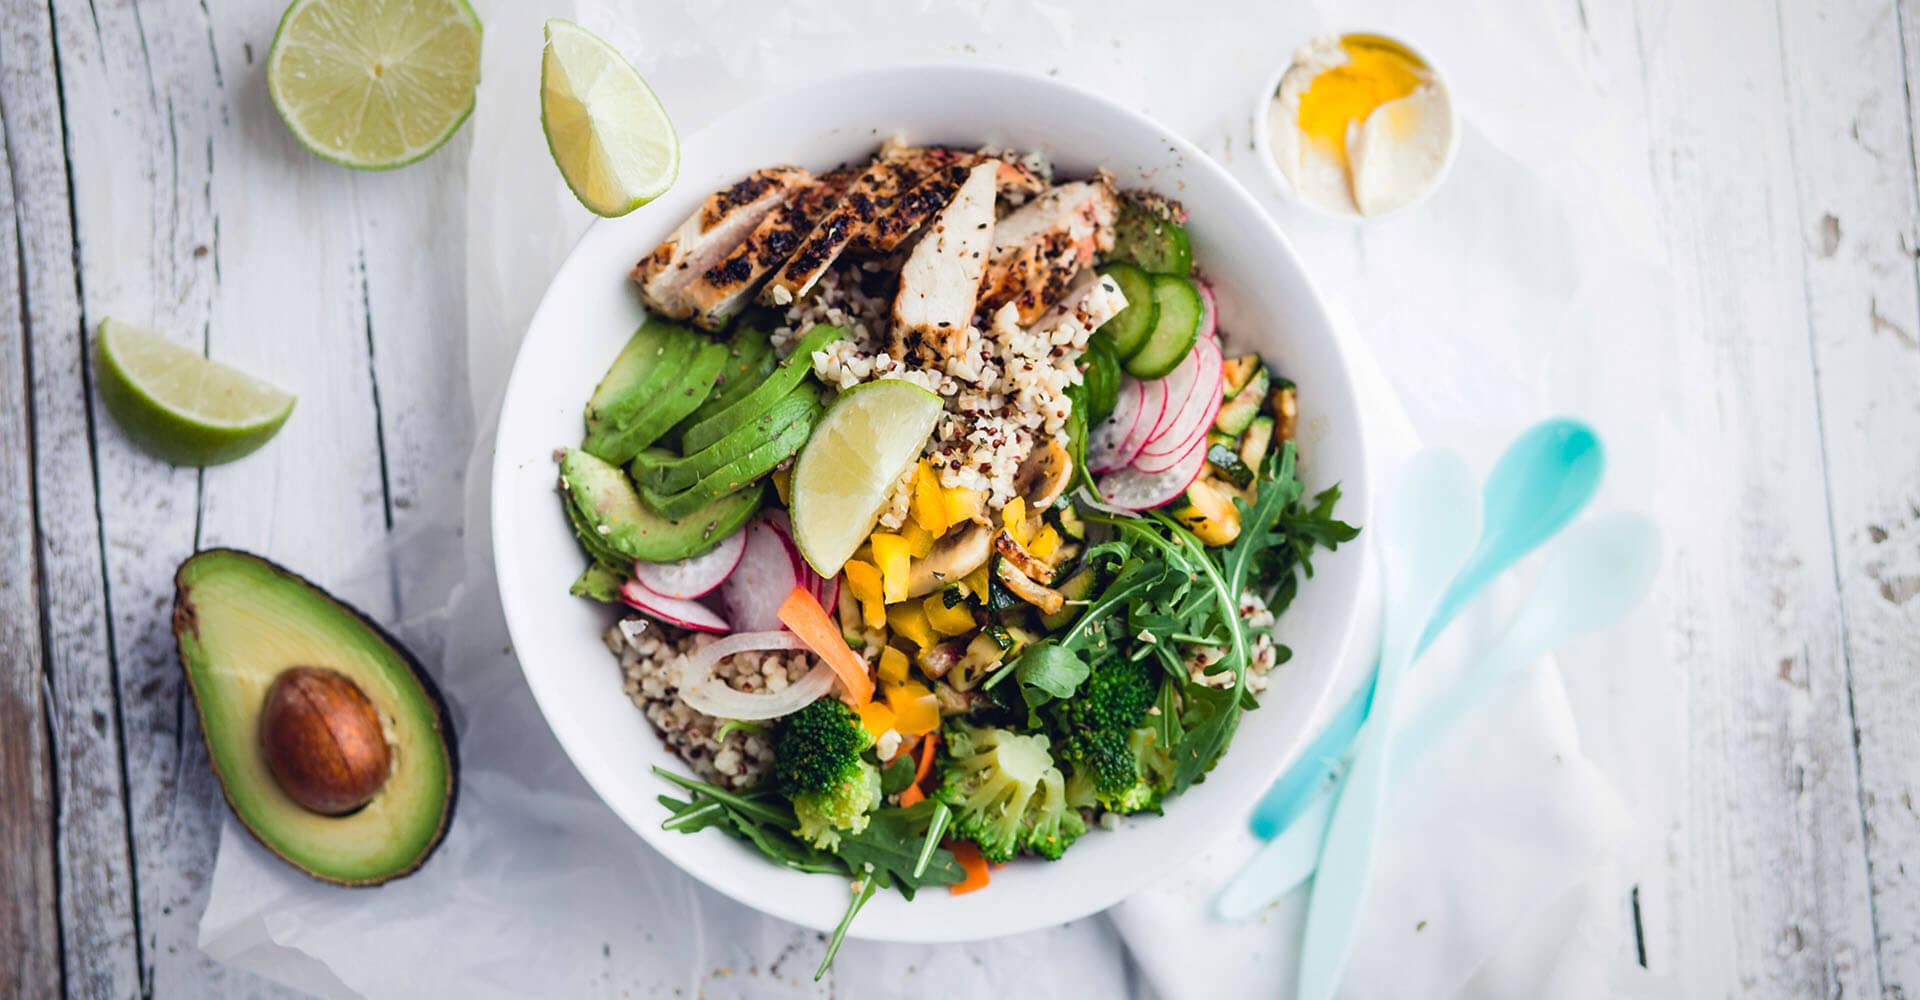 Eiweißreiche Lebensmittel in einer Schüssel zu einem Salat vermischt